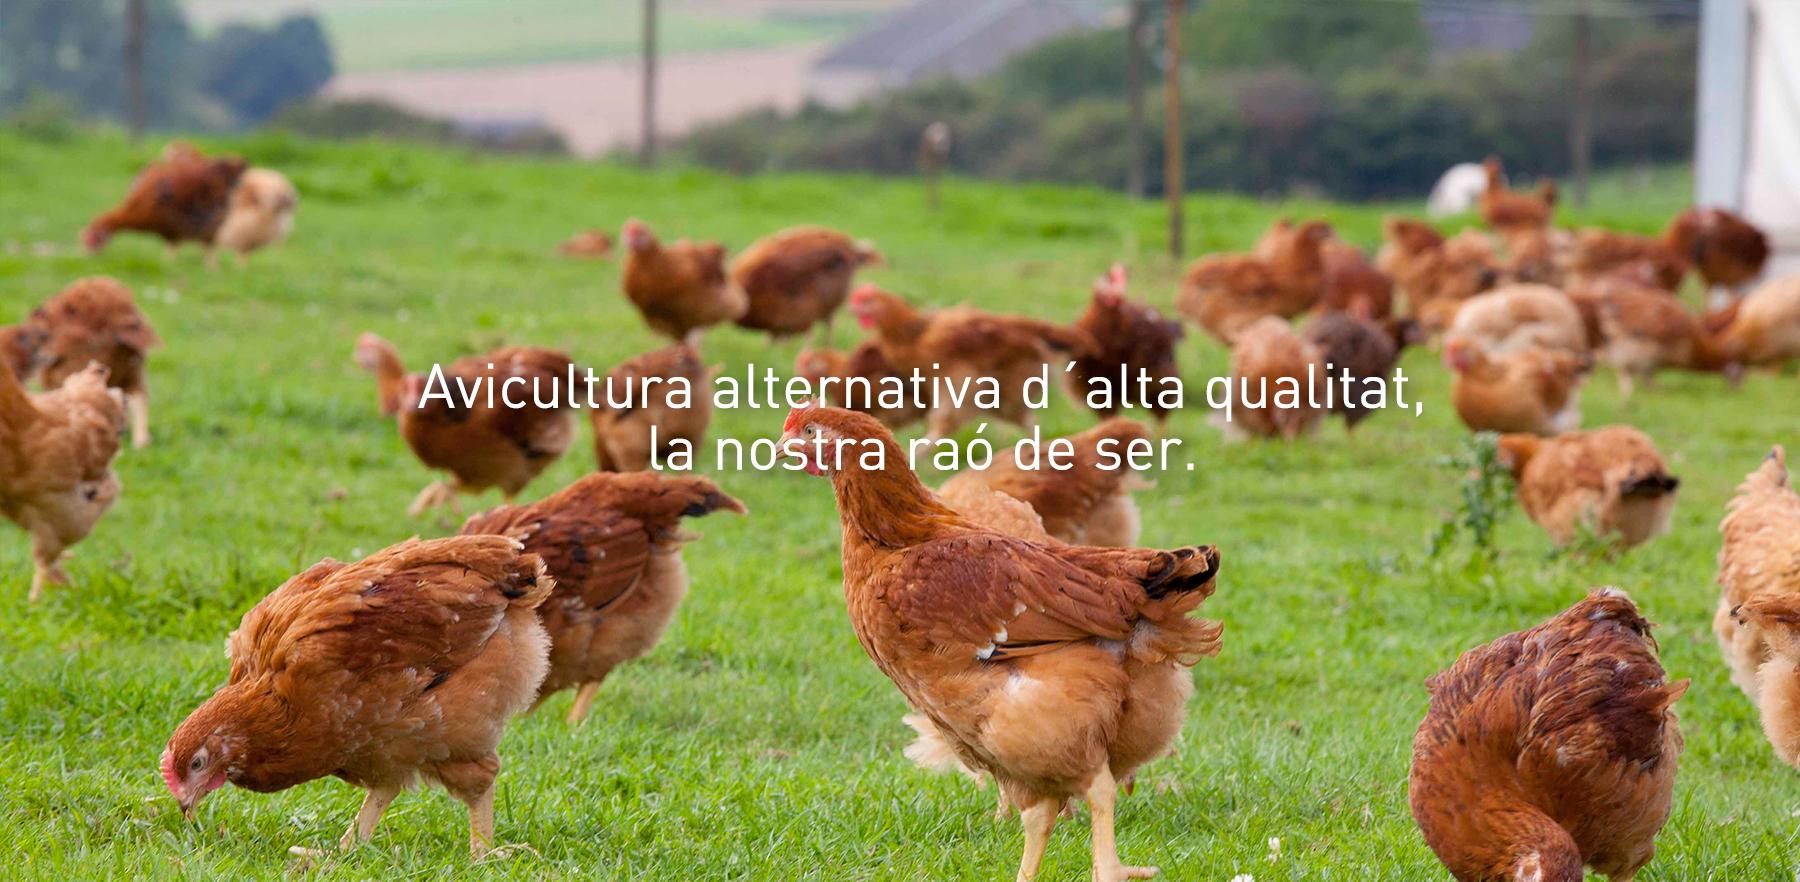 GALLSA, PRODUCCIÓ I VENDA DE PRODUCTES AVÍCOLES ALTERNATIUS